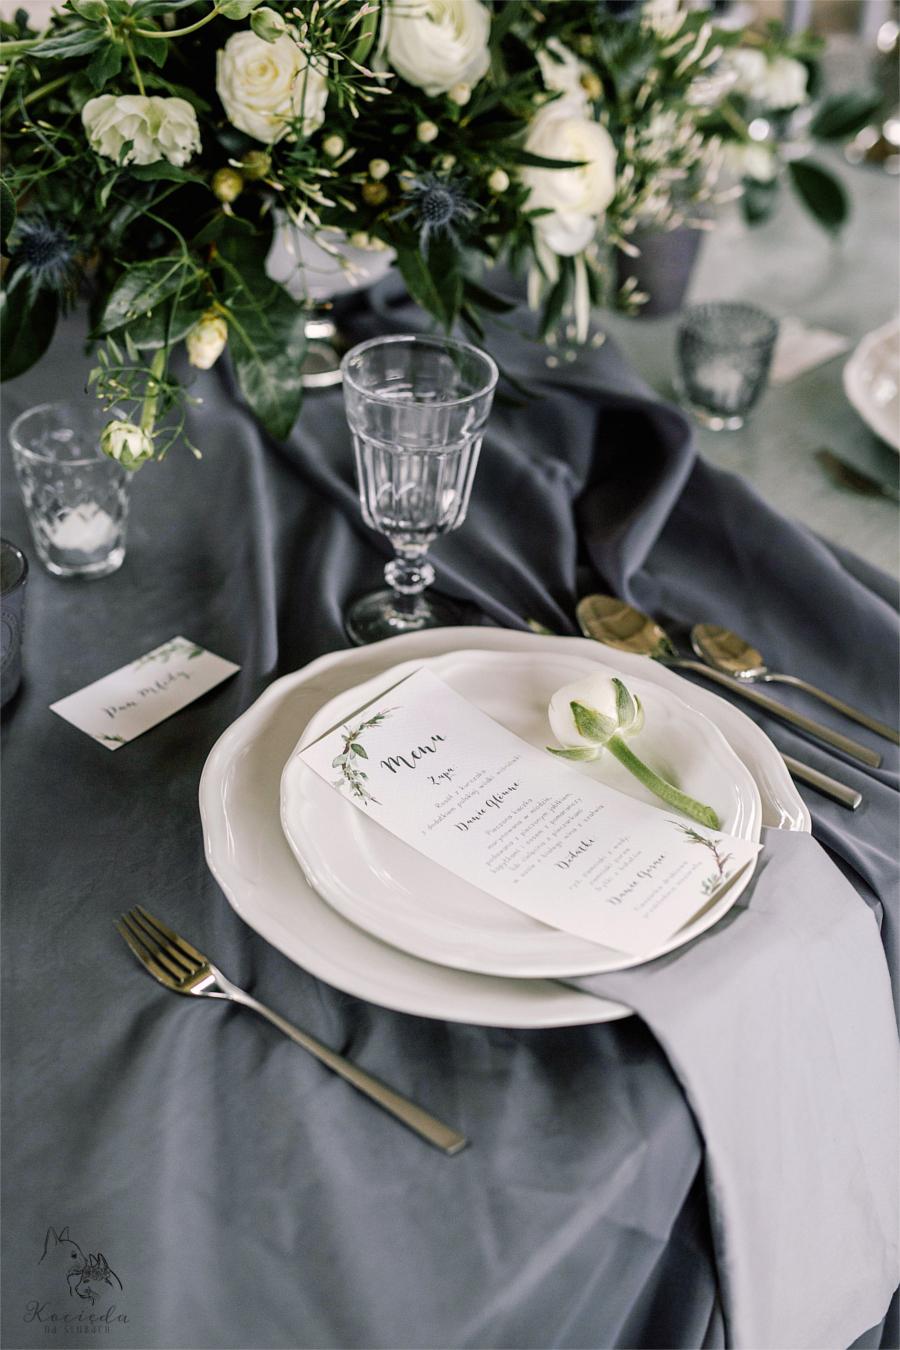 Zastawa weselna na szarym stole